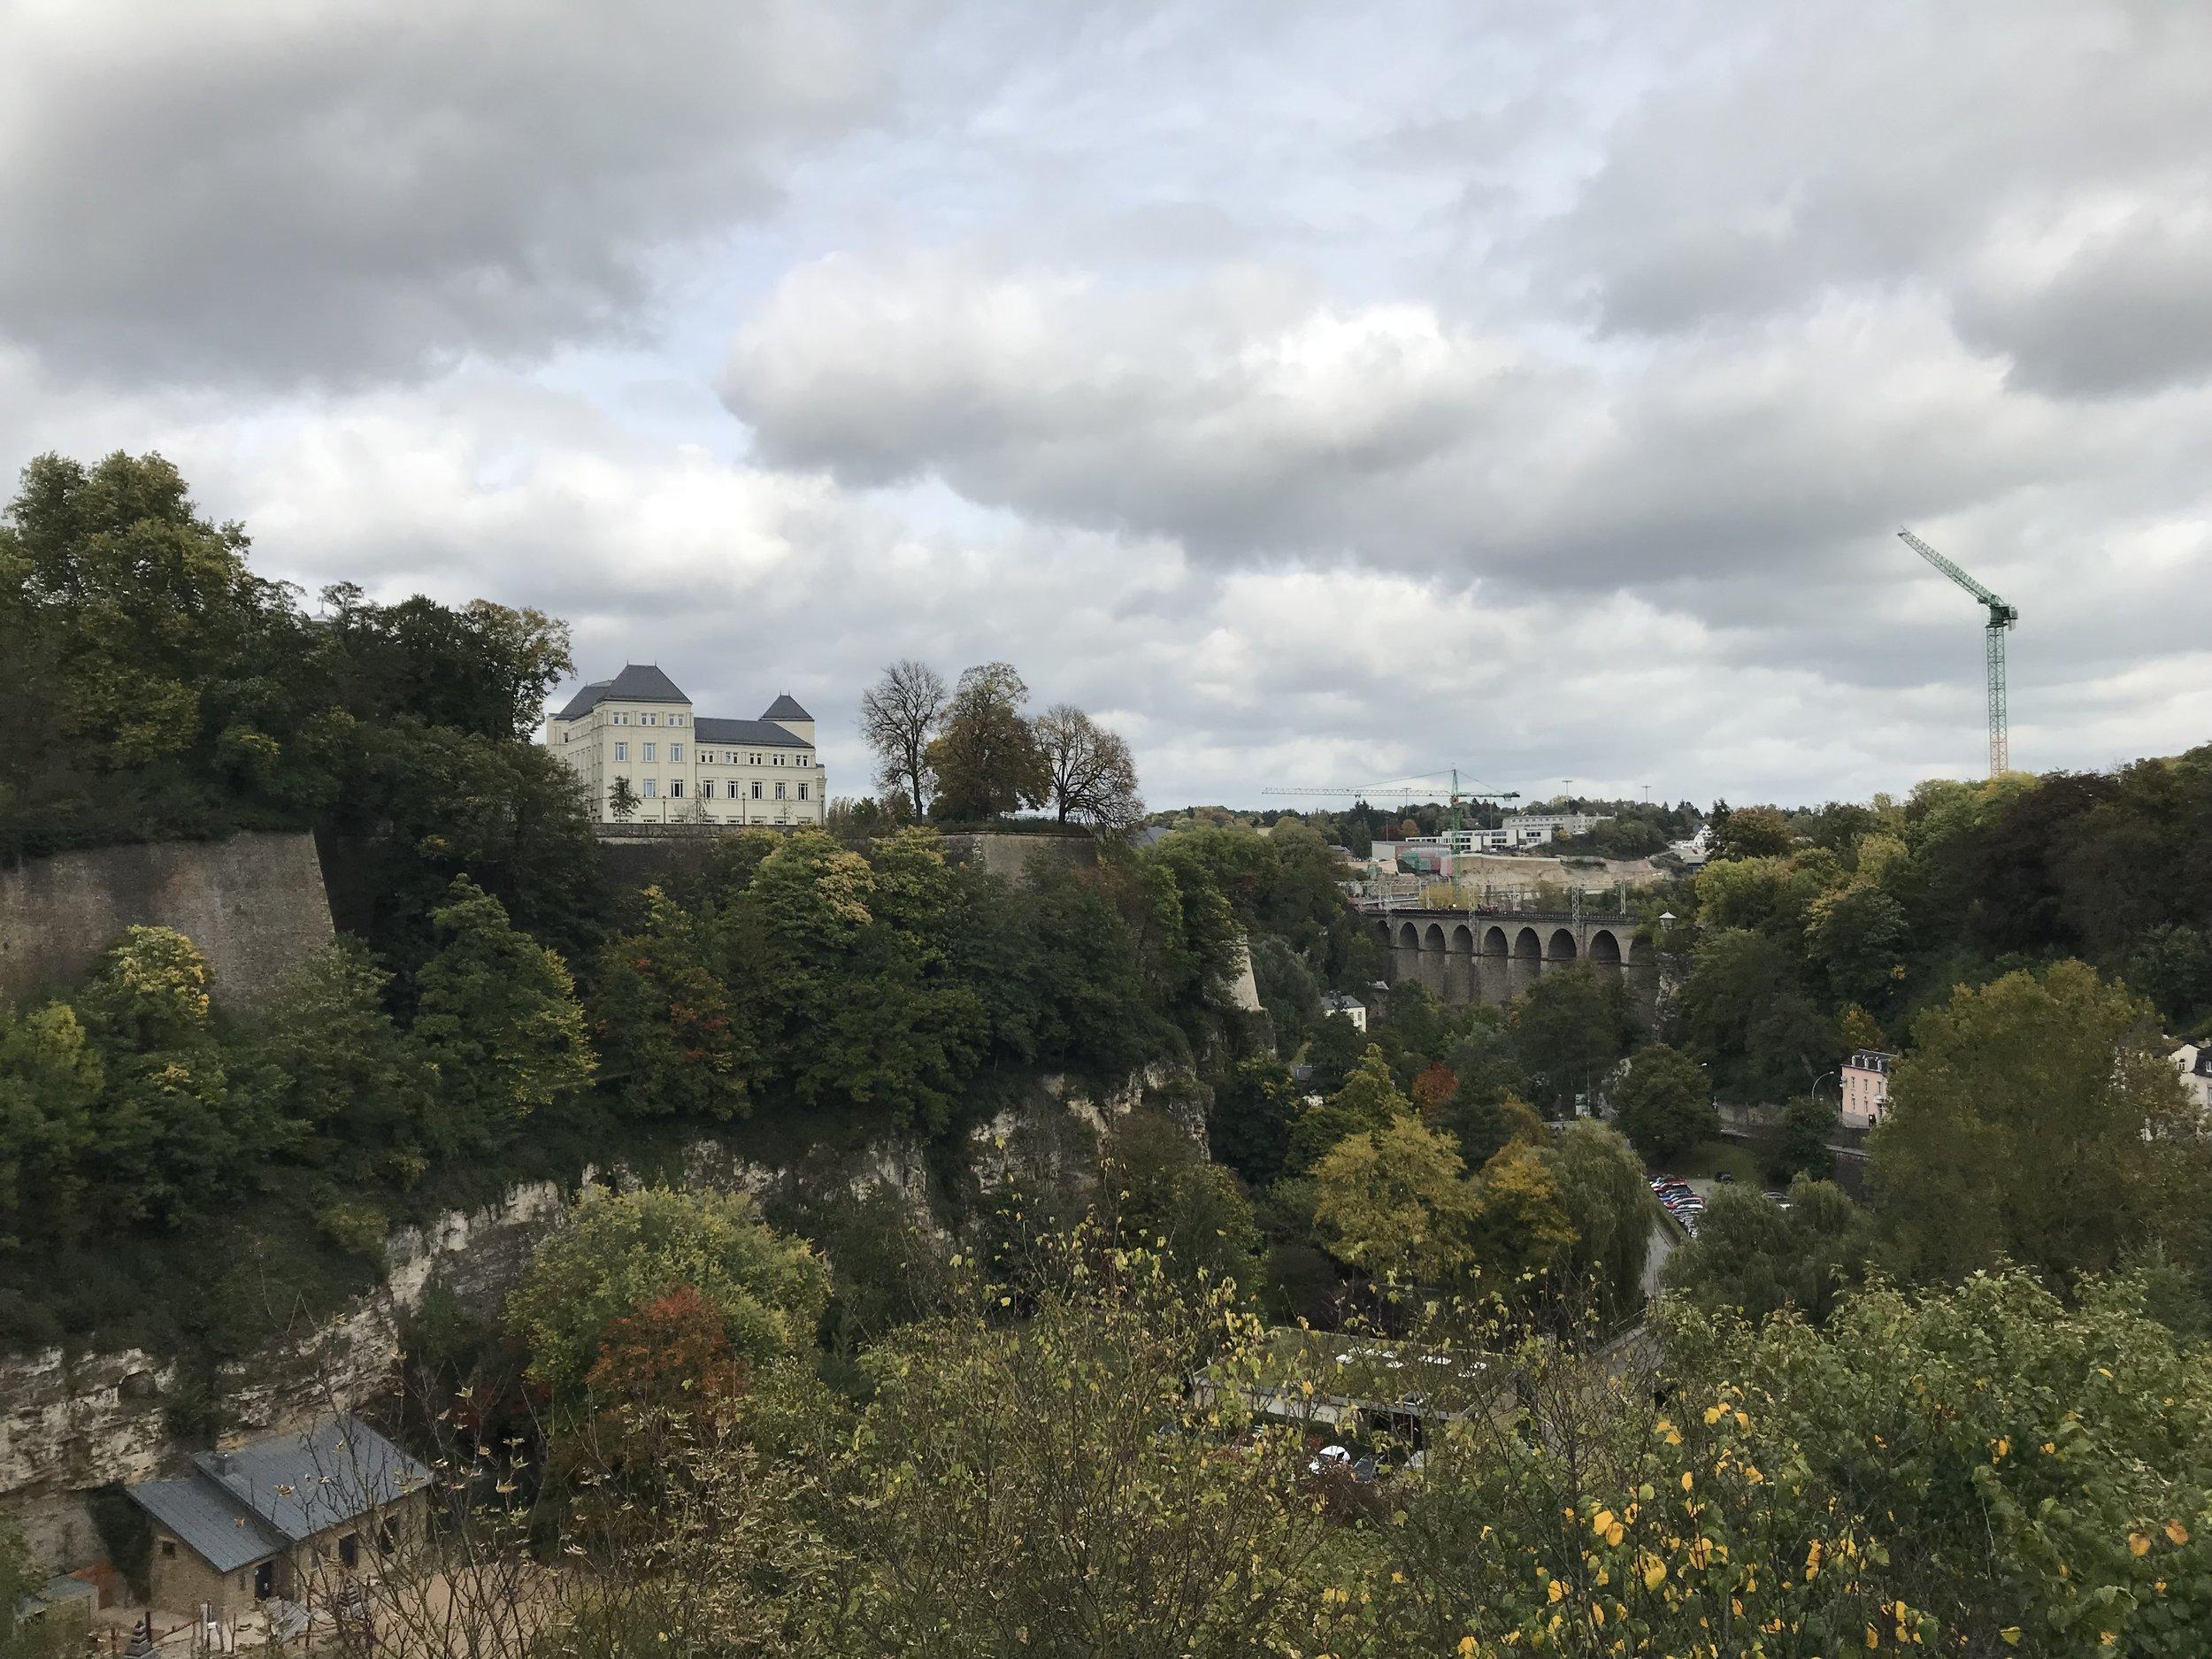 Luxemburg-auf dem Weg über die Schlucht in die Altstadt.